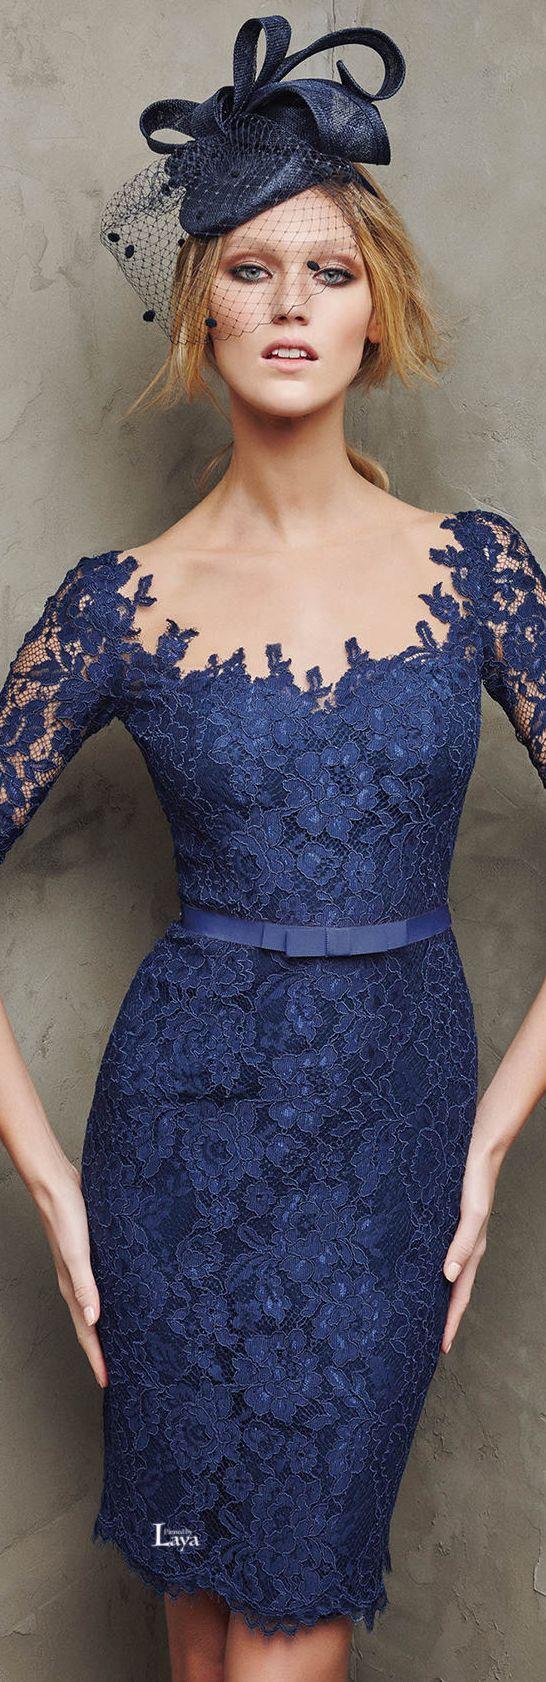 Farb-und Stilberatung mit www.farben-reich.com - Pronovias 2016  Cocktail Dresses